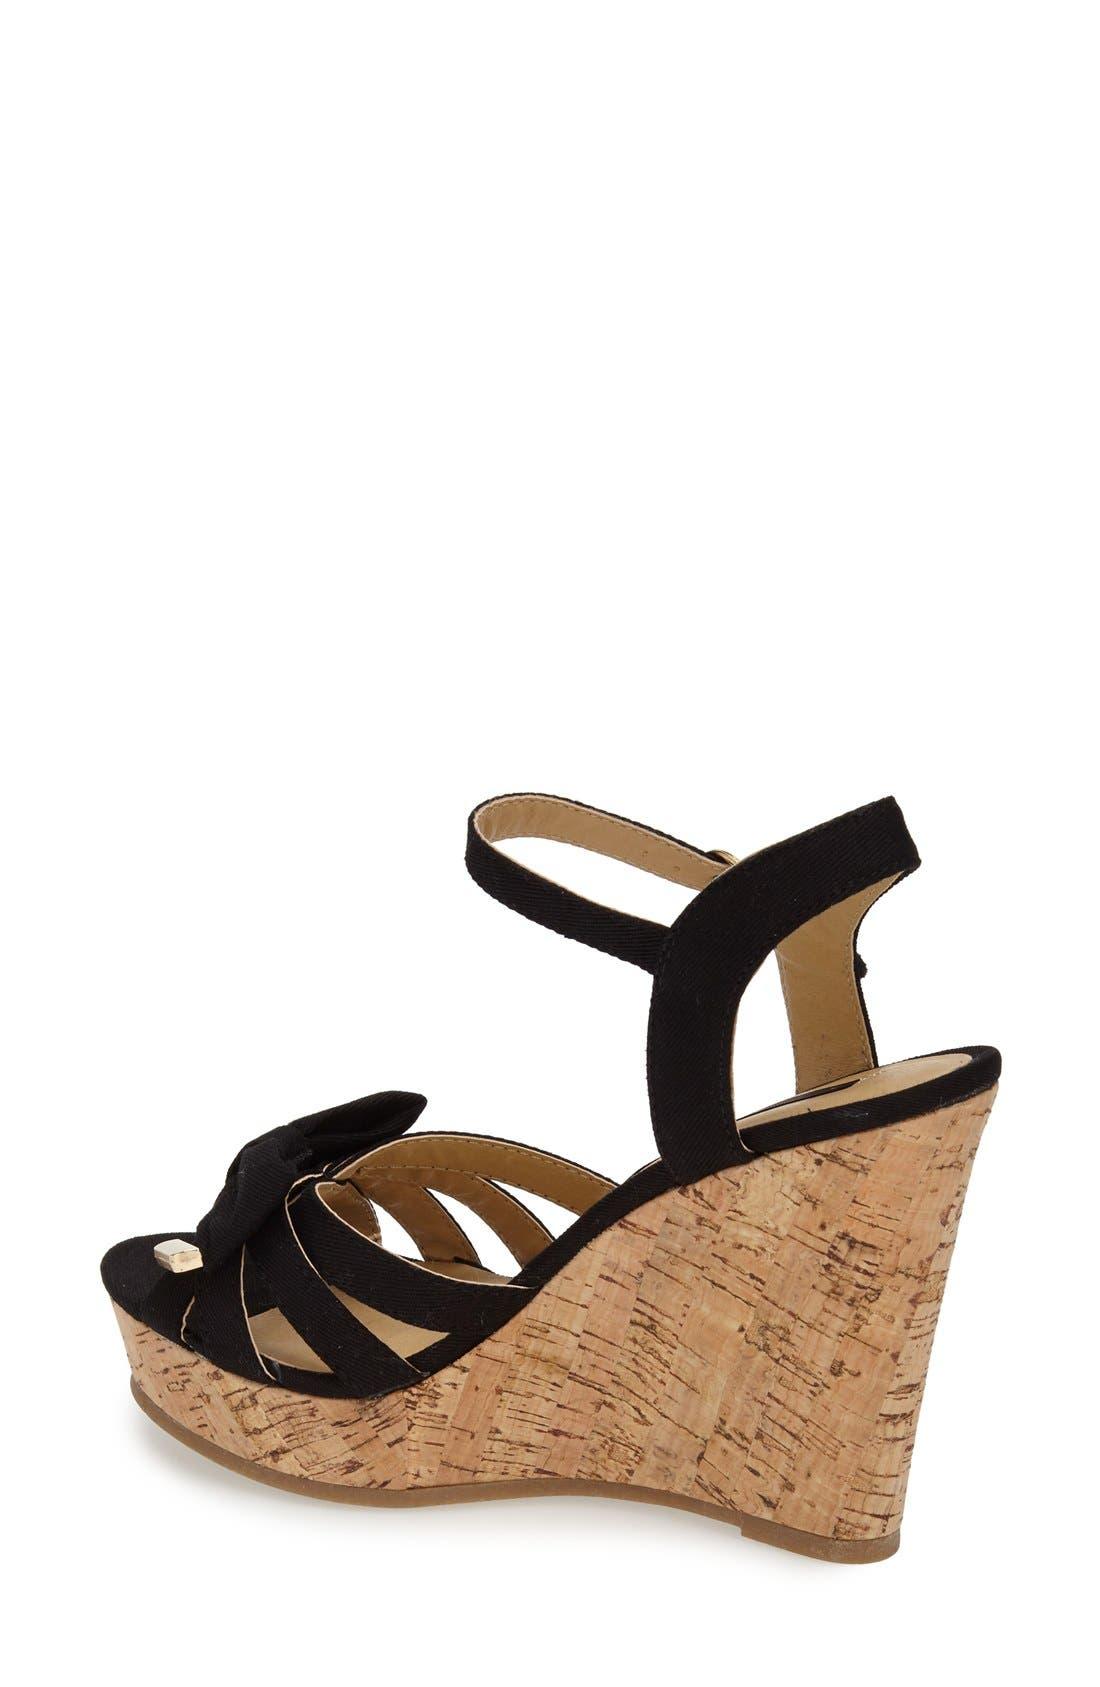 Alternate Image 2  - kensie 'Rayna' Wedge Sandal (Women)